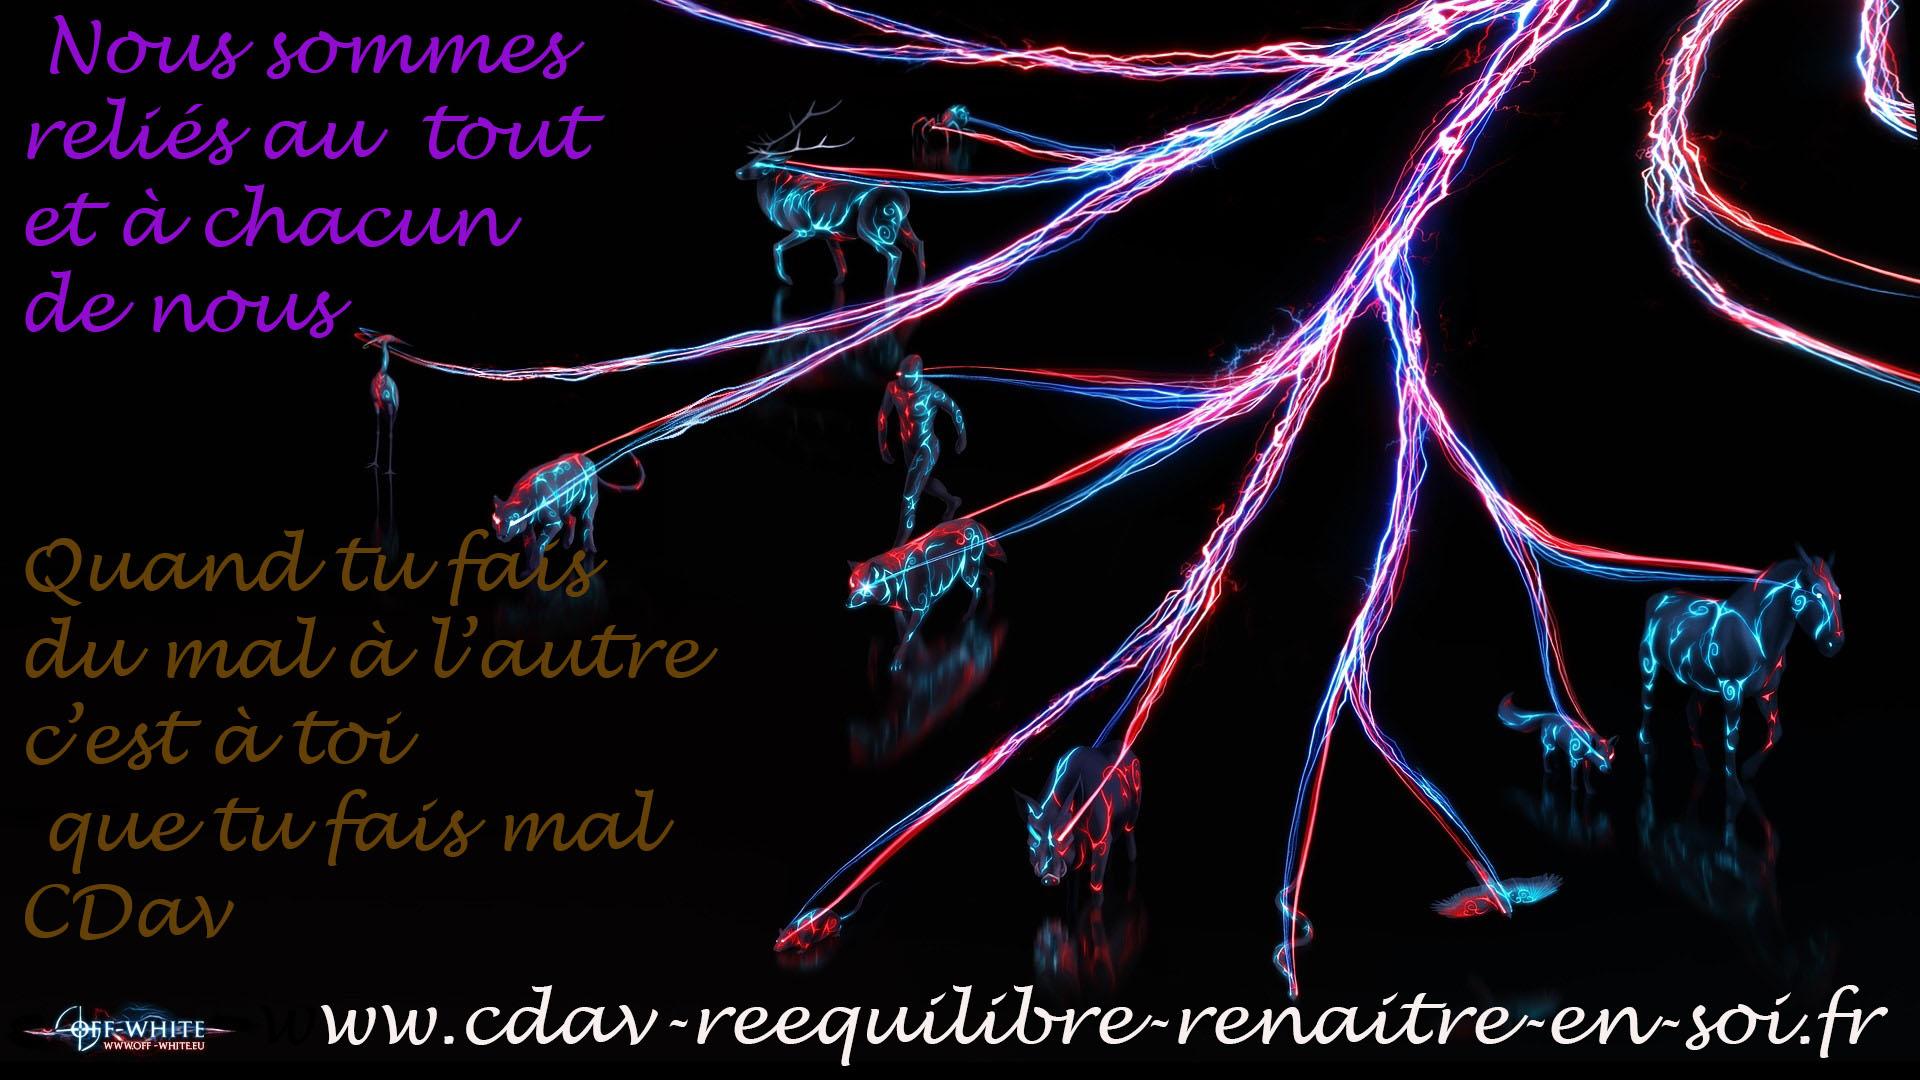 CDav thérapeute magnétiseur-praticien Reiki Bourg-Argental